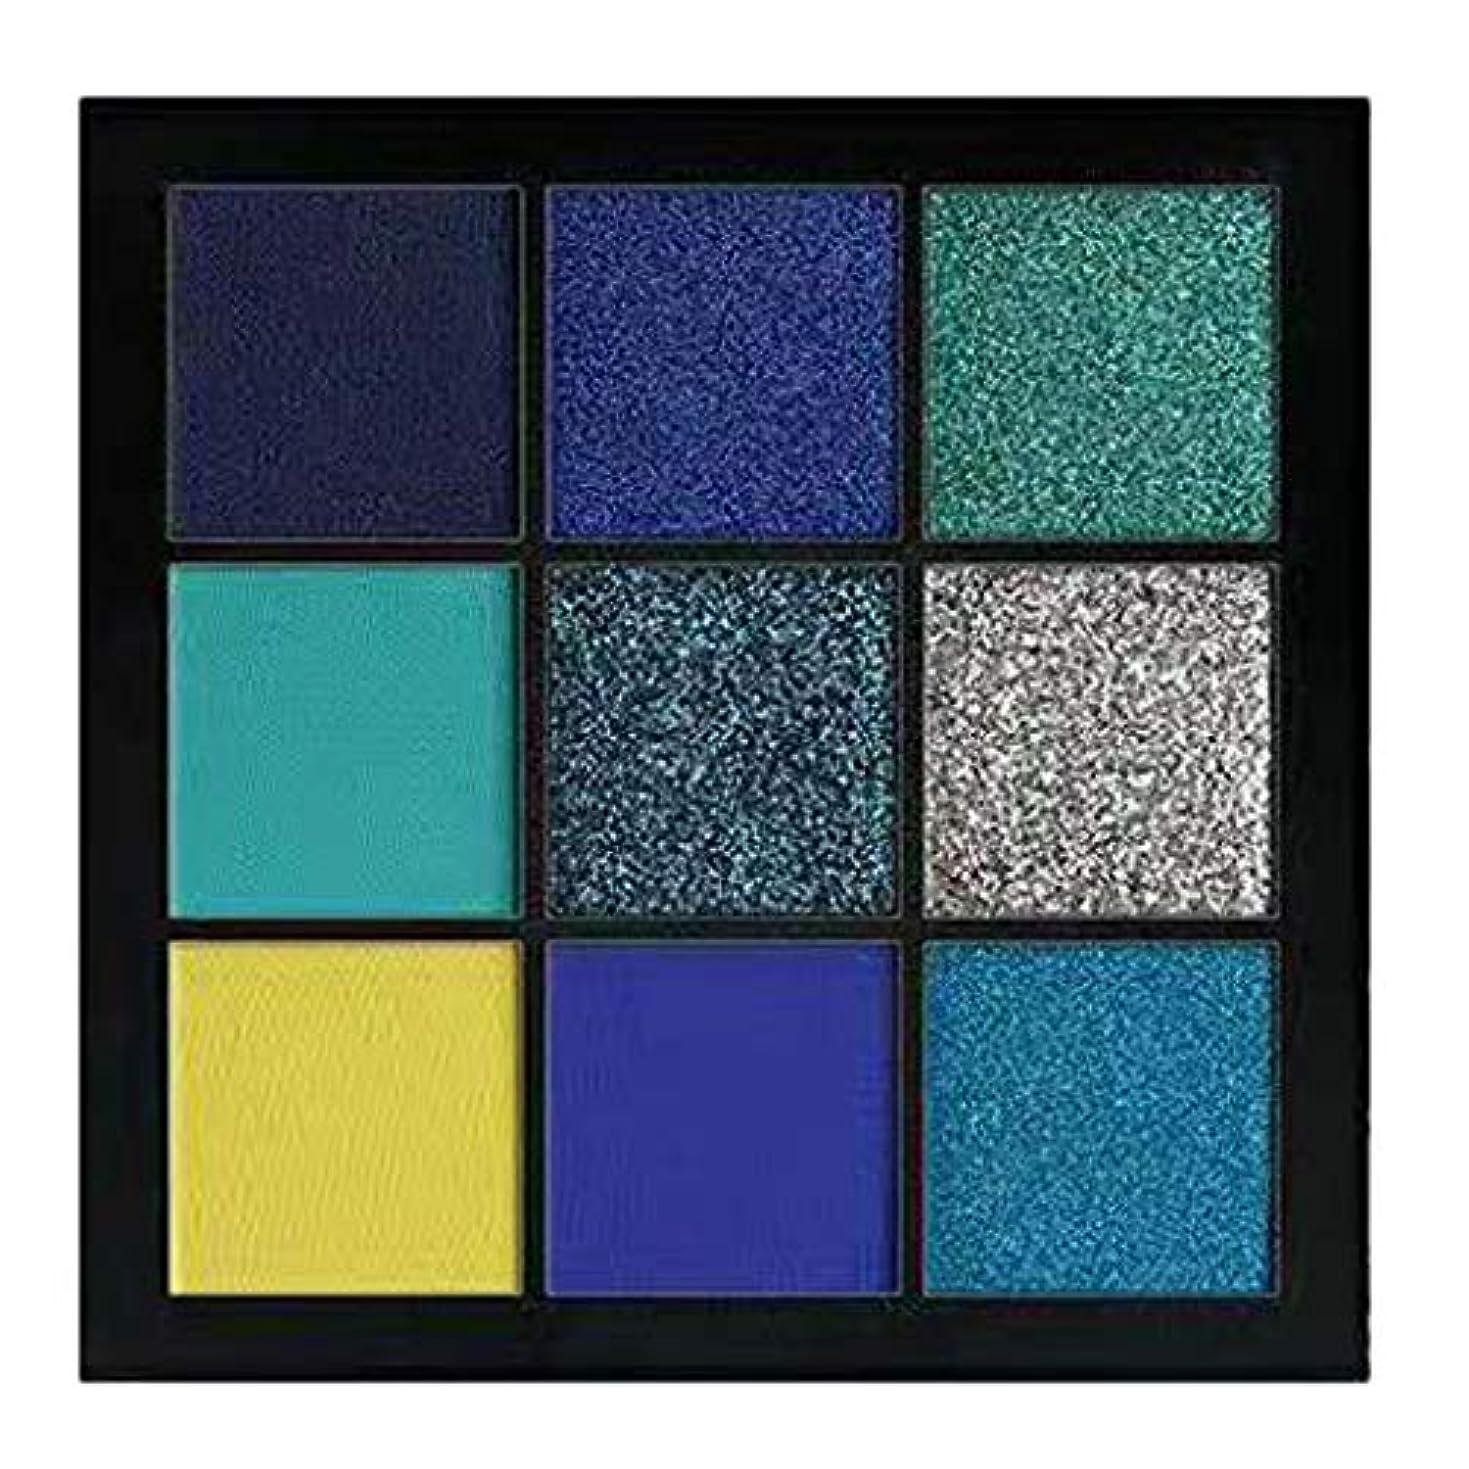 支配する治療新年Lazayyii 化粧品 マット アイシャドウ クリーム メイクアップパレットシマーセット アイシャドウ 9色 (D)